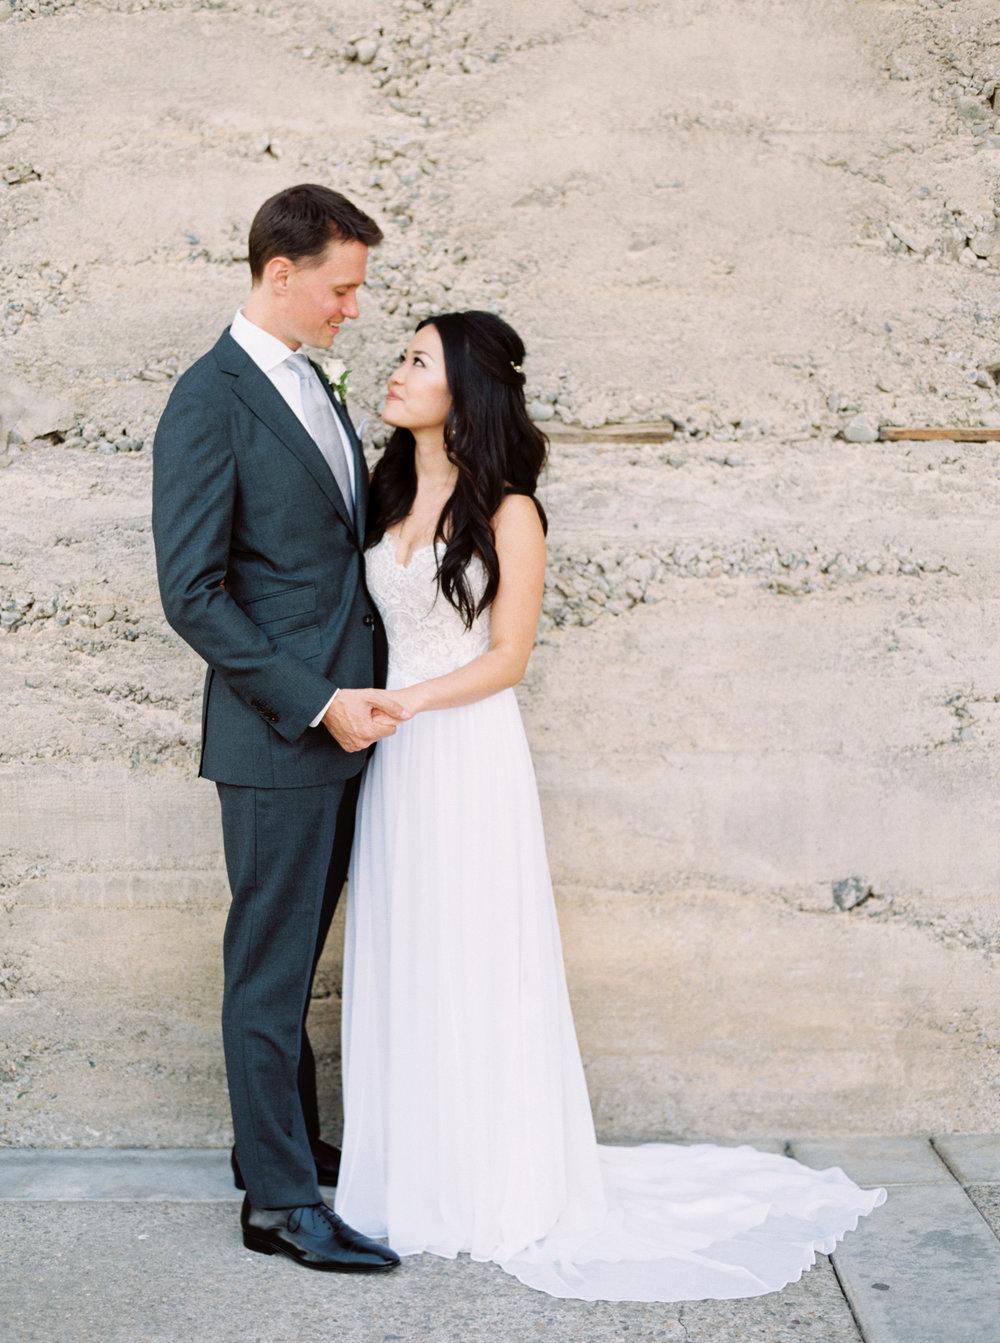 trynhphoto_sandiego_orangecounty_temecula_sf_weddingphotographer_KN-129.jpg